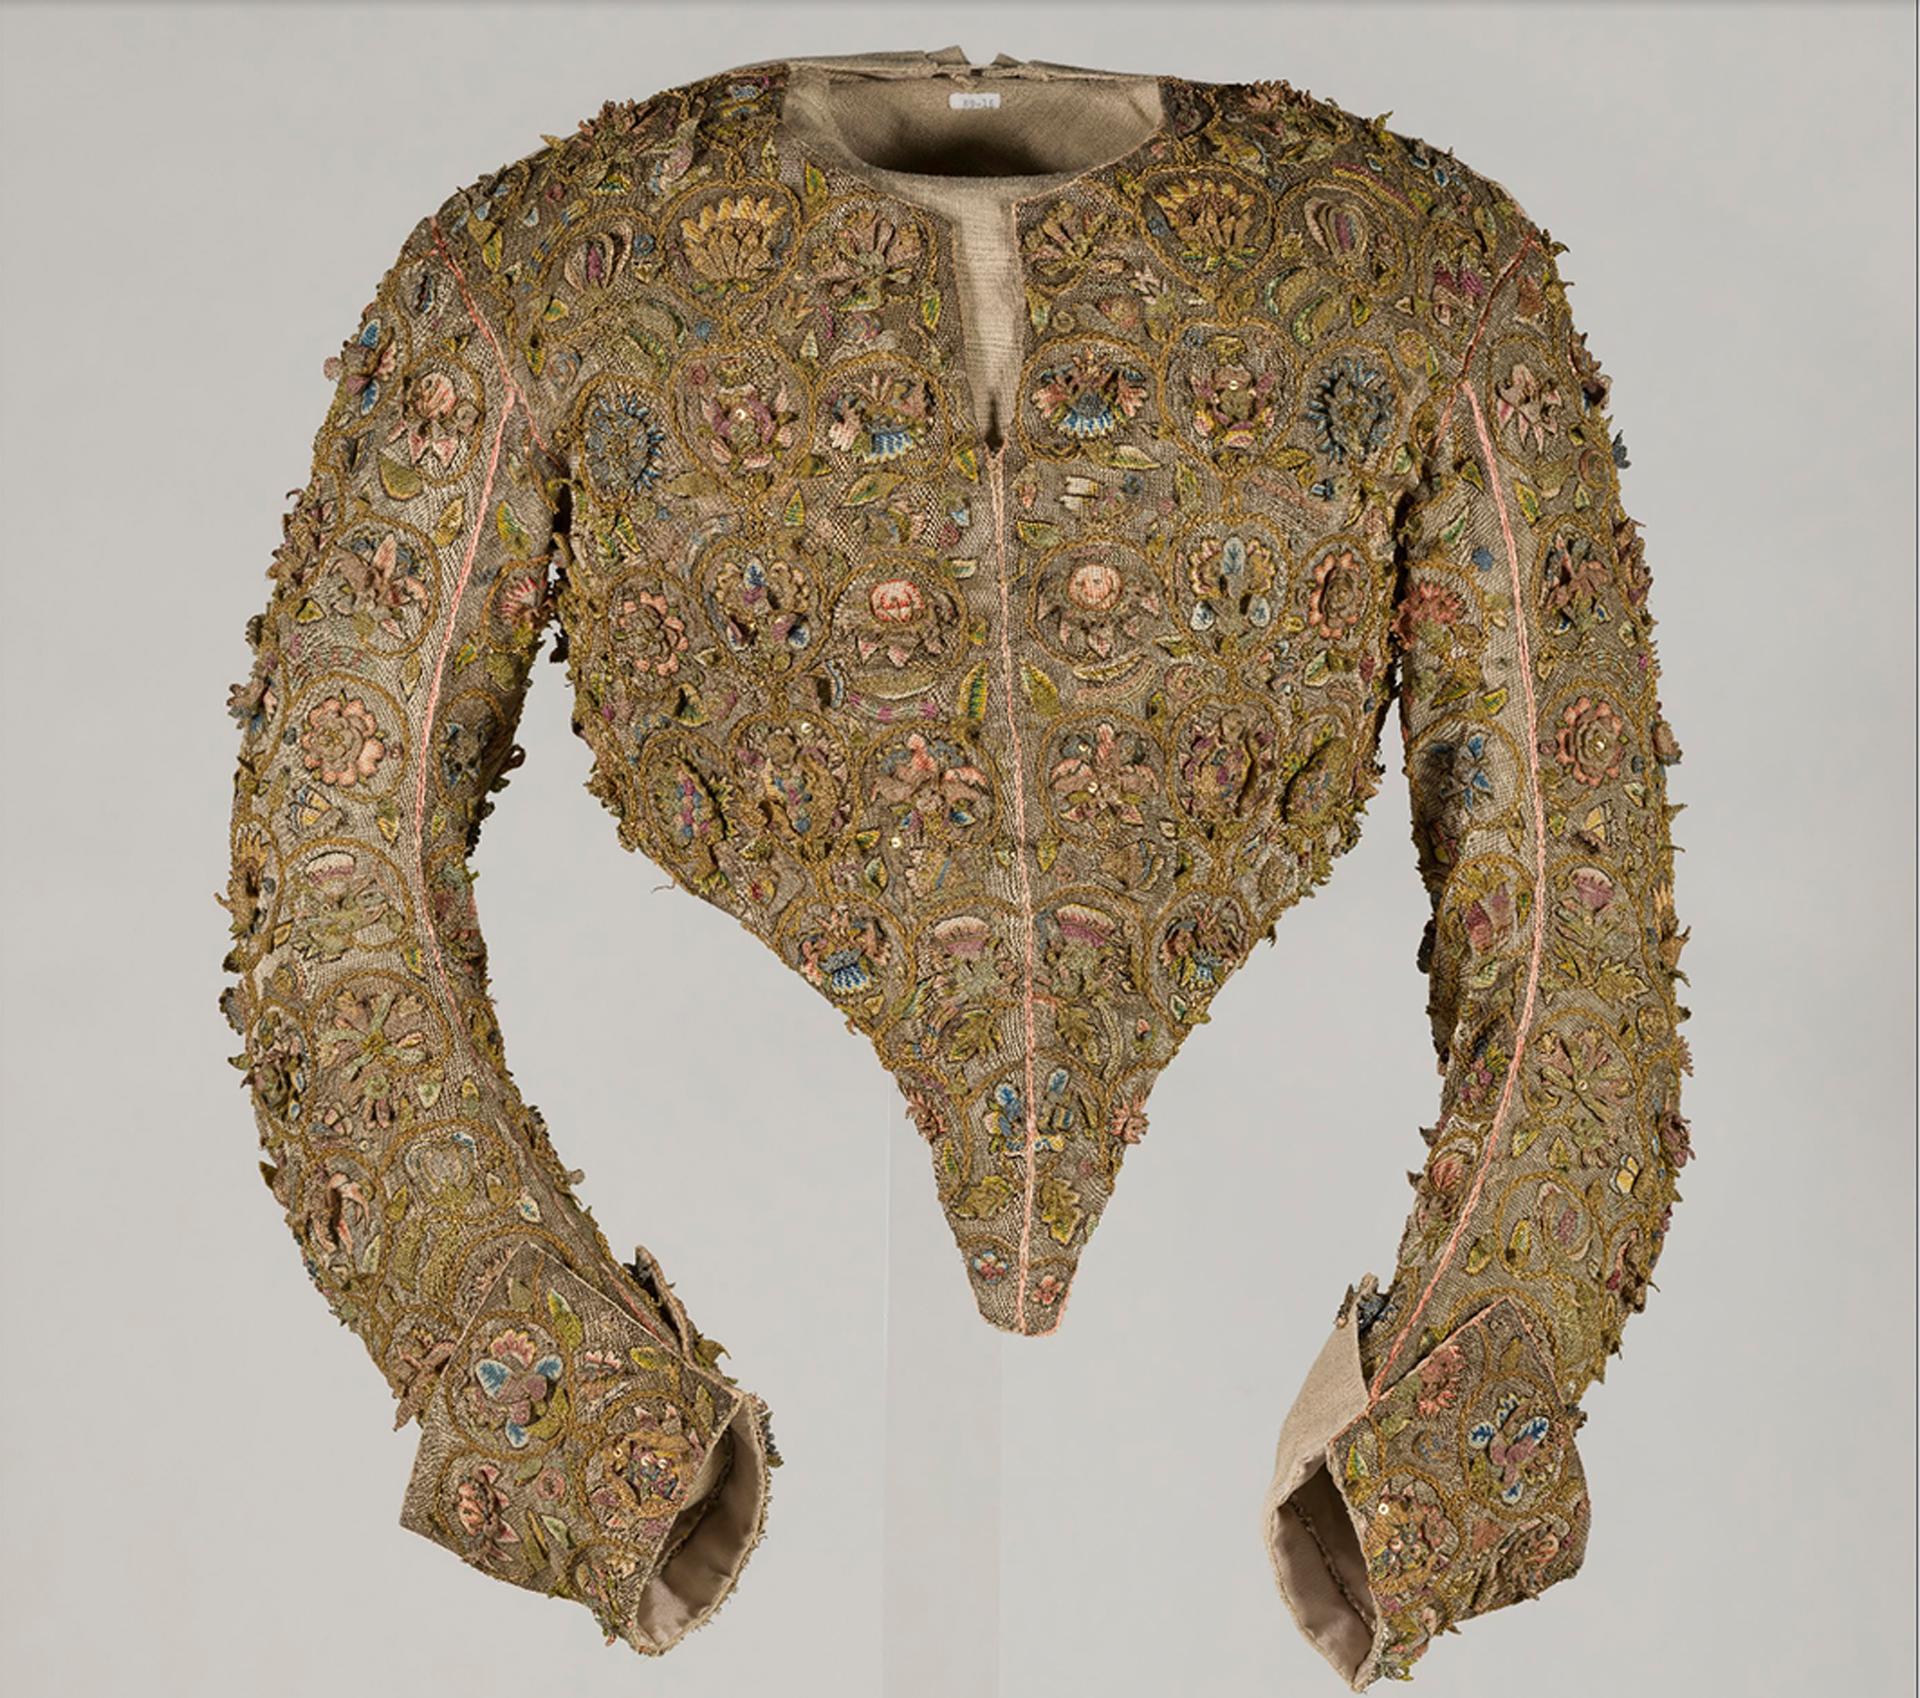 Exhibido en el museo del traje de Kyoto, bordado en flores y hojas